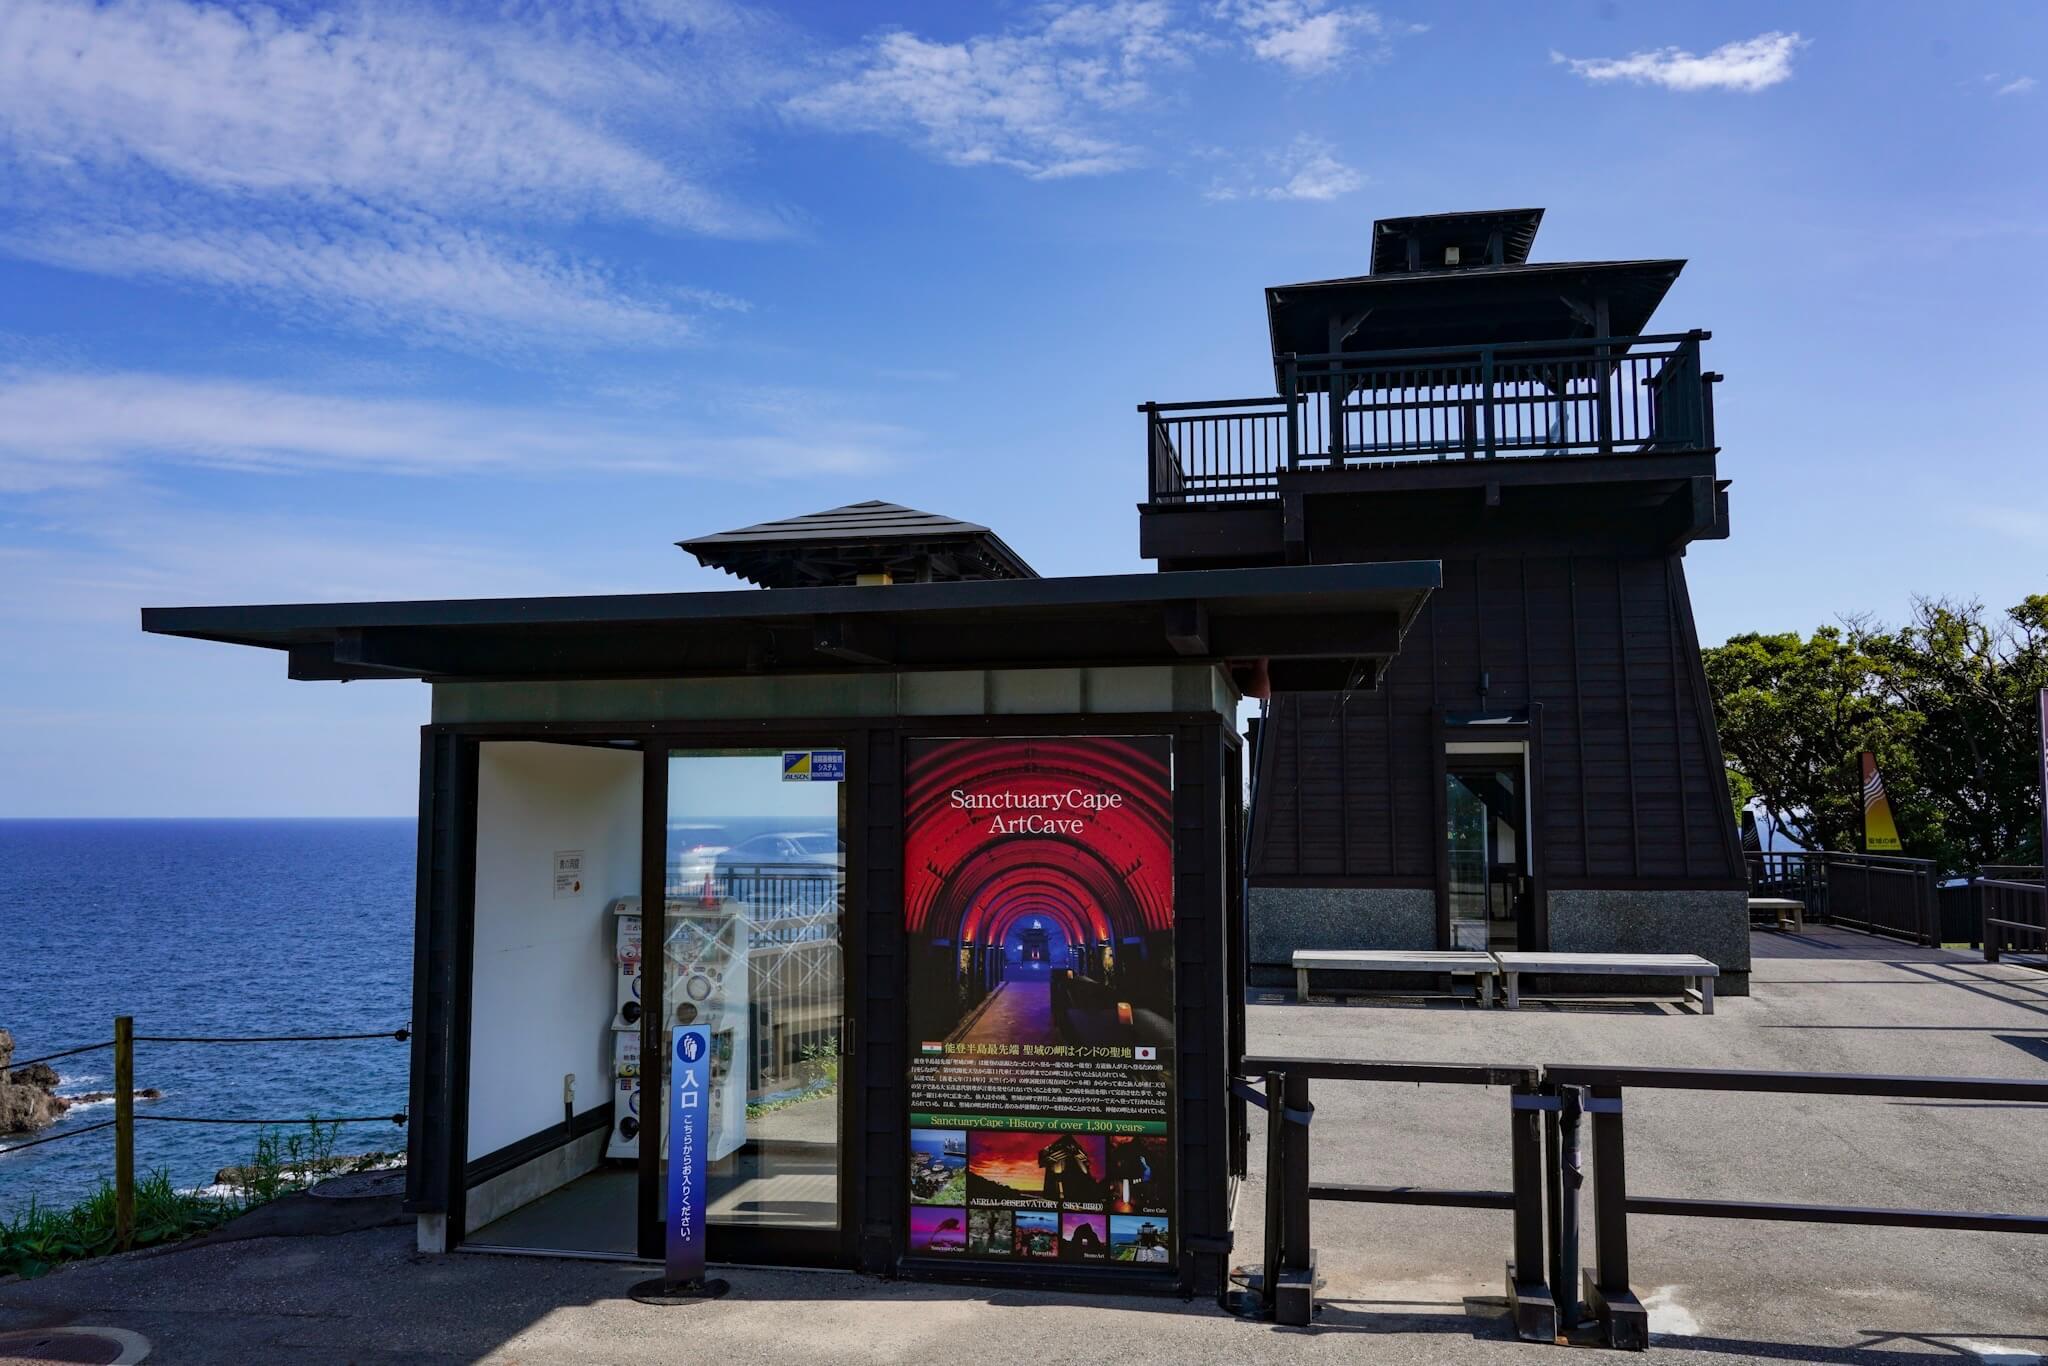 聖域の岬・青の洞窟 パワースポット「ゲートと中央展望台」